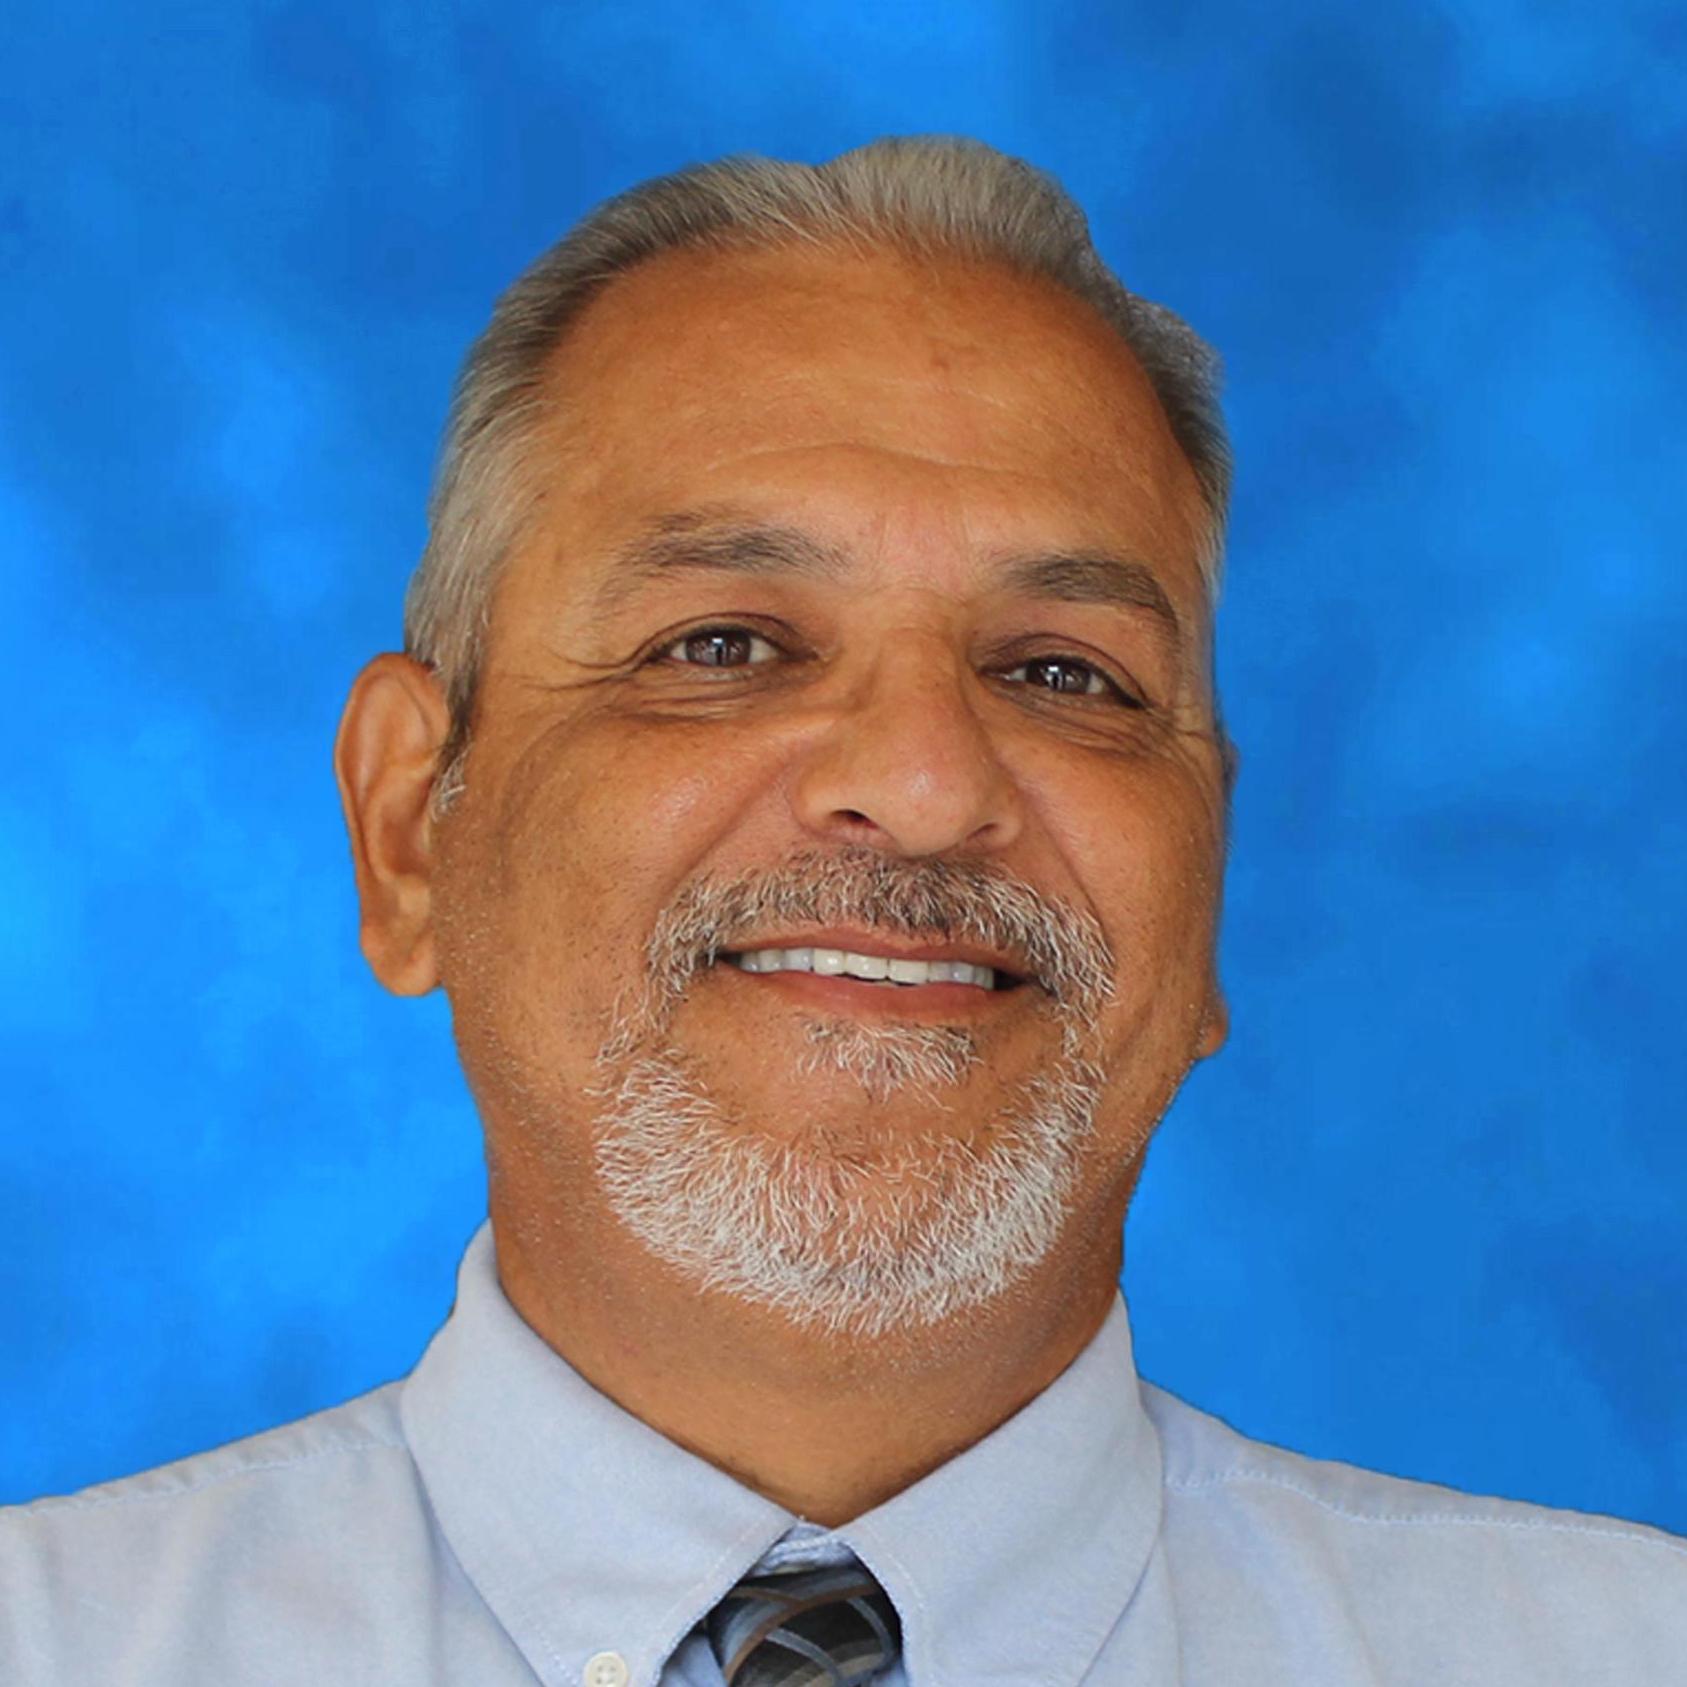 Tony Beza's Profile Photo